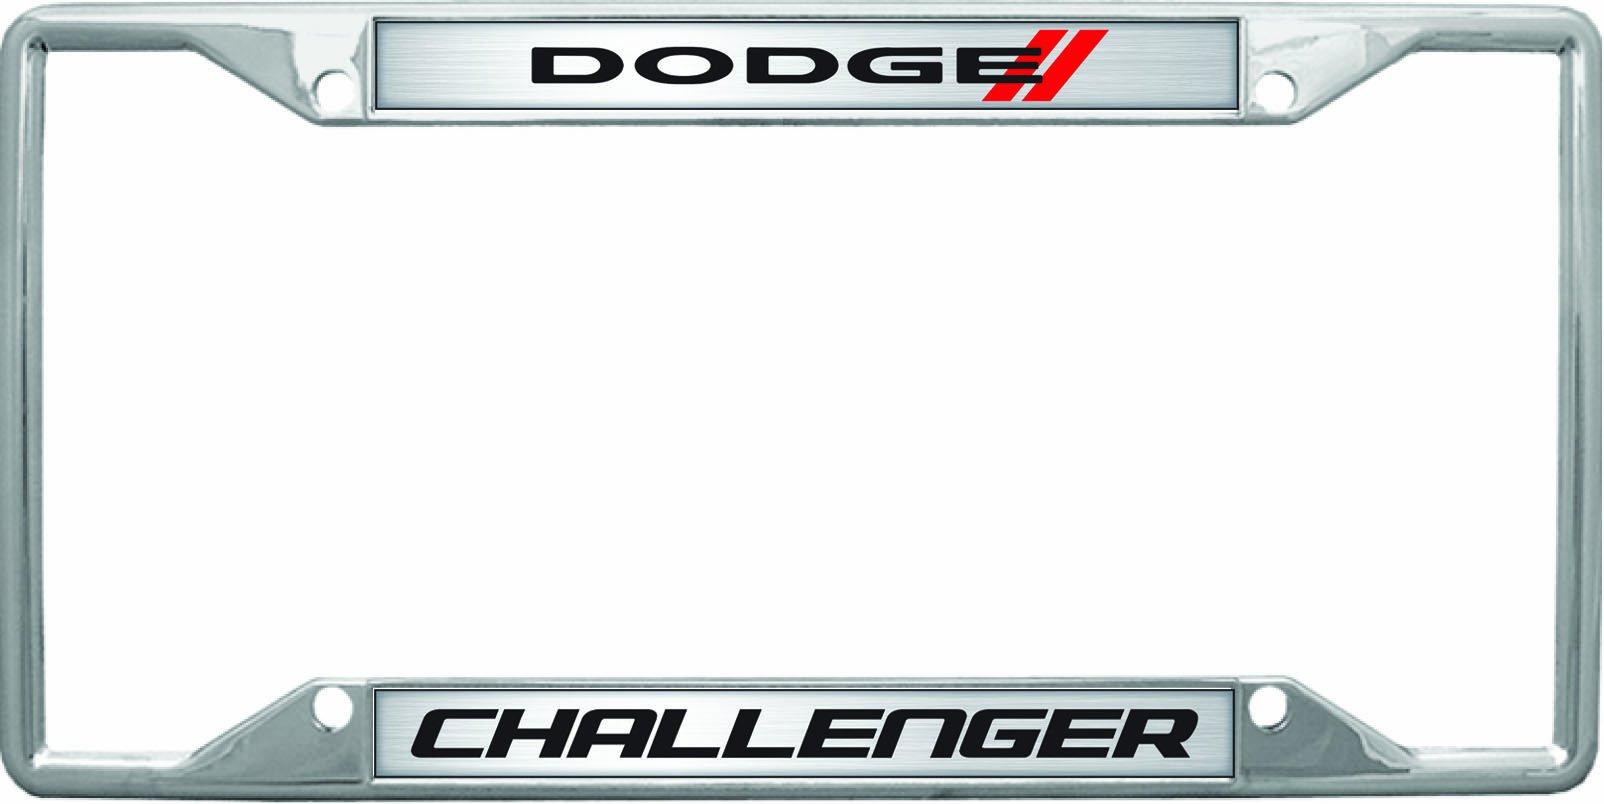 New Dodge Challenger Blackout Black License Plate Frame